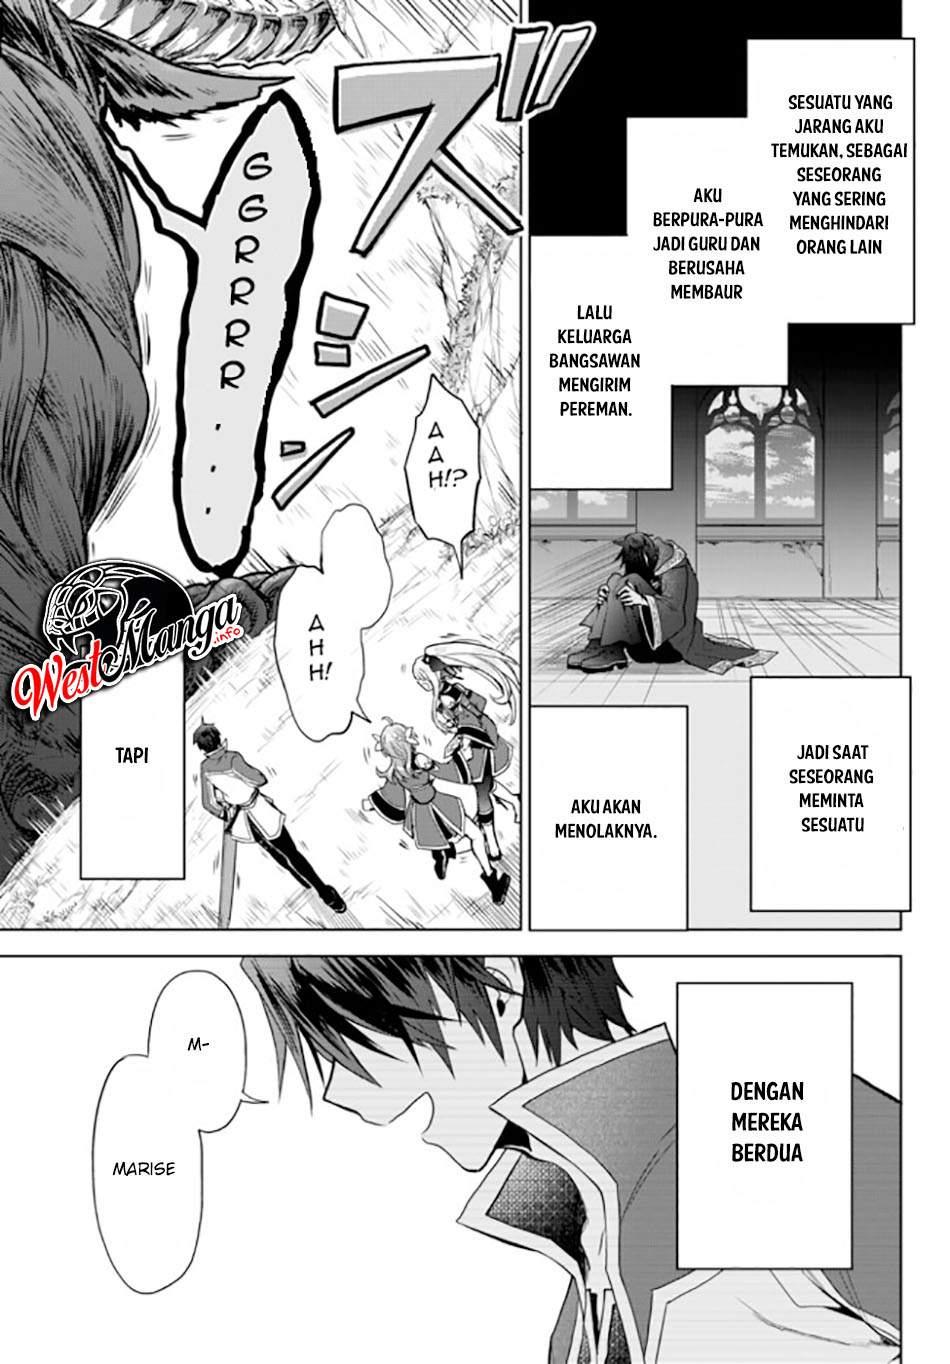 Nishuume Cheat no Tensei Madoushi: Saikyou ga 1000-nengo ni Tensei Shitara, Jinsei Yoyuu Sugimashita: Chapter 04.2 - Page 8